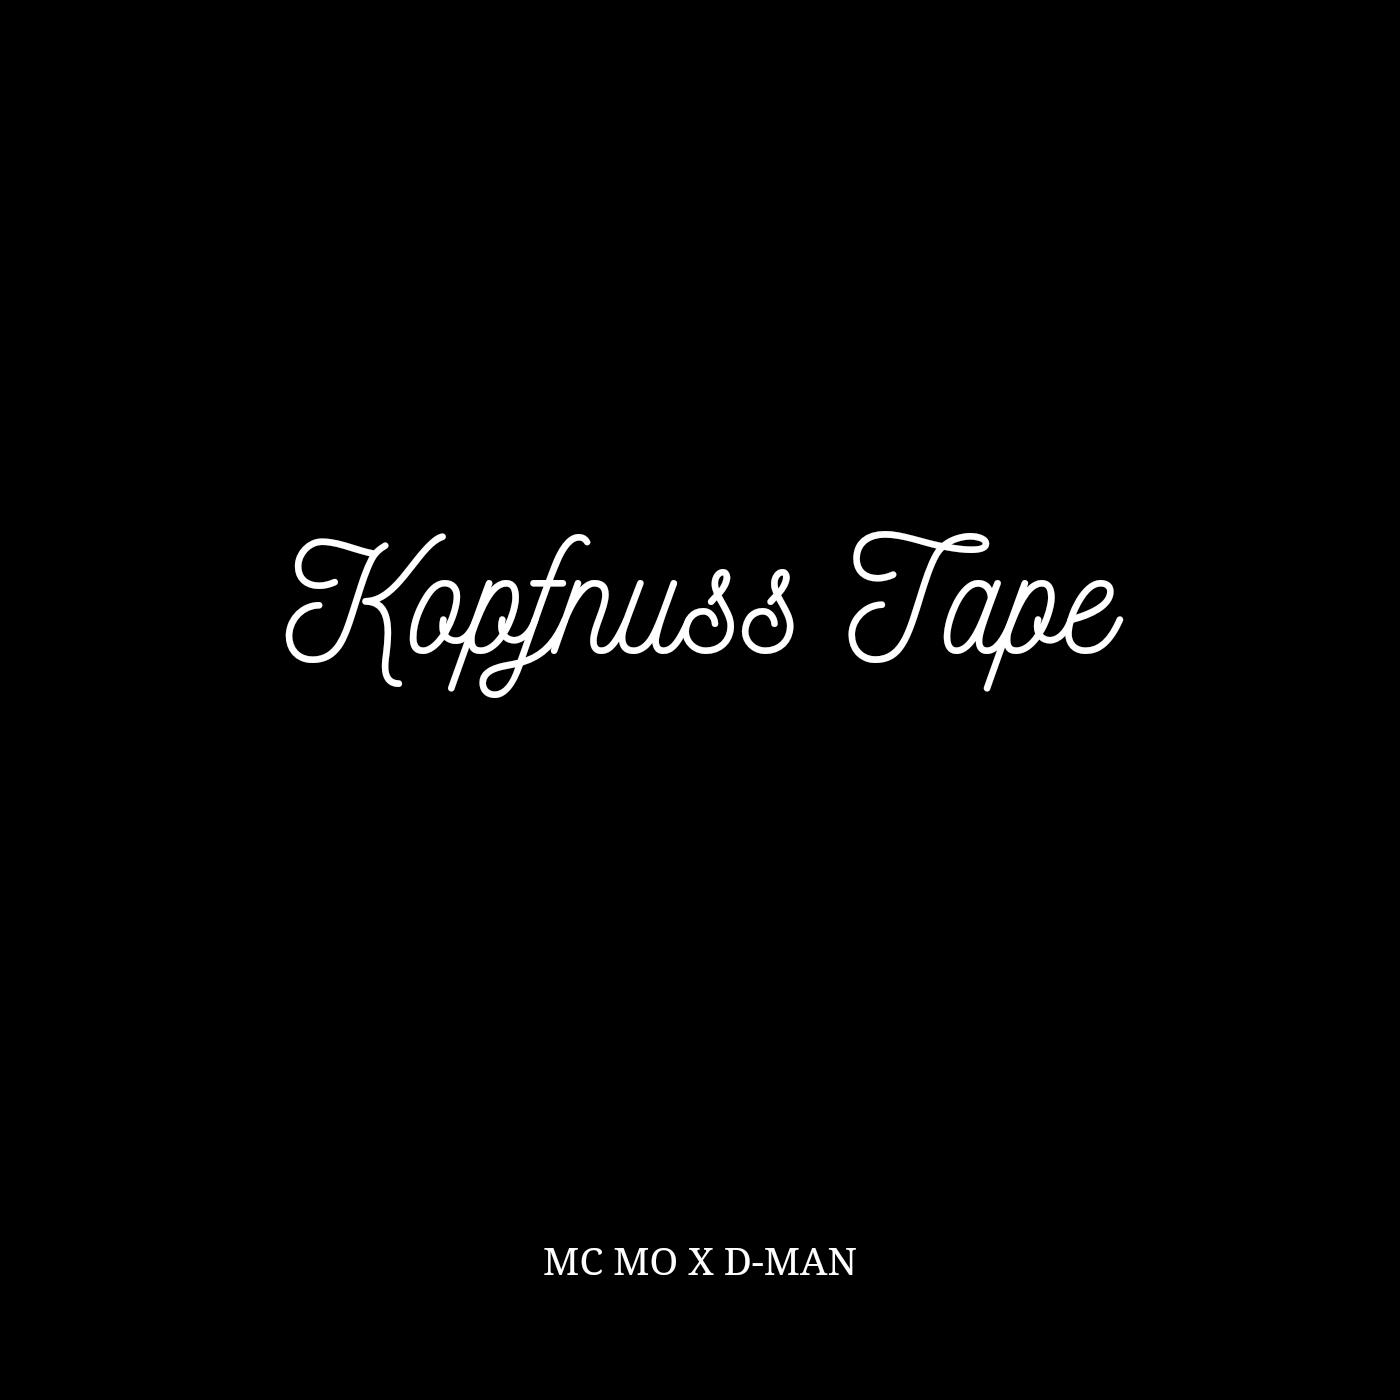 Upcoming: MC MO, D-MAN - Kopfnuss Tape